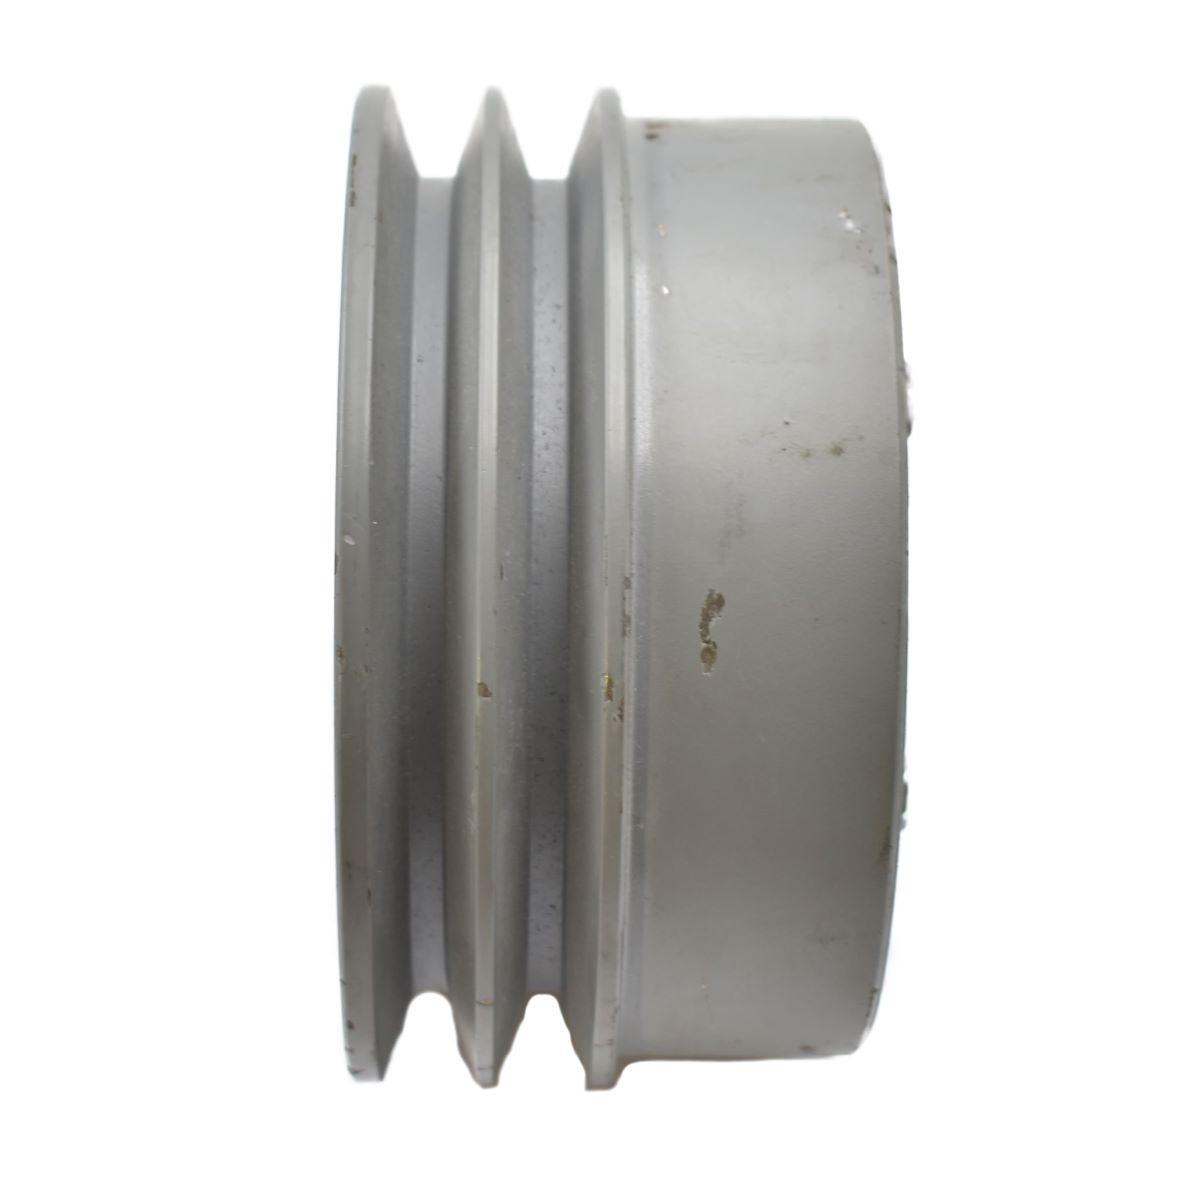 POELIE ISEKI Origineel onderdeel nummer: C129PAF112 Afmetingen: Diameter uitwendig: 136mm Diameter as: 25mm Hoogte: 72.50mm